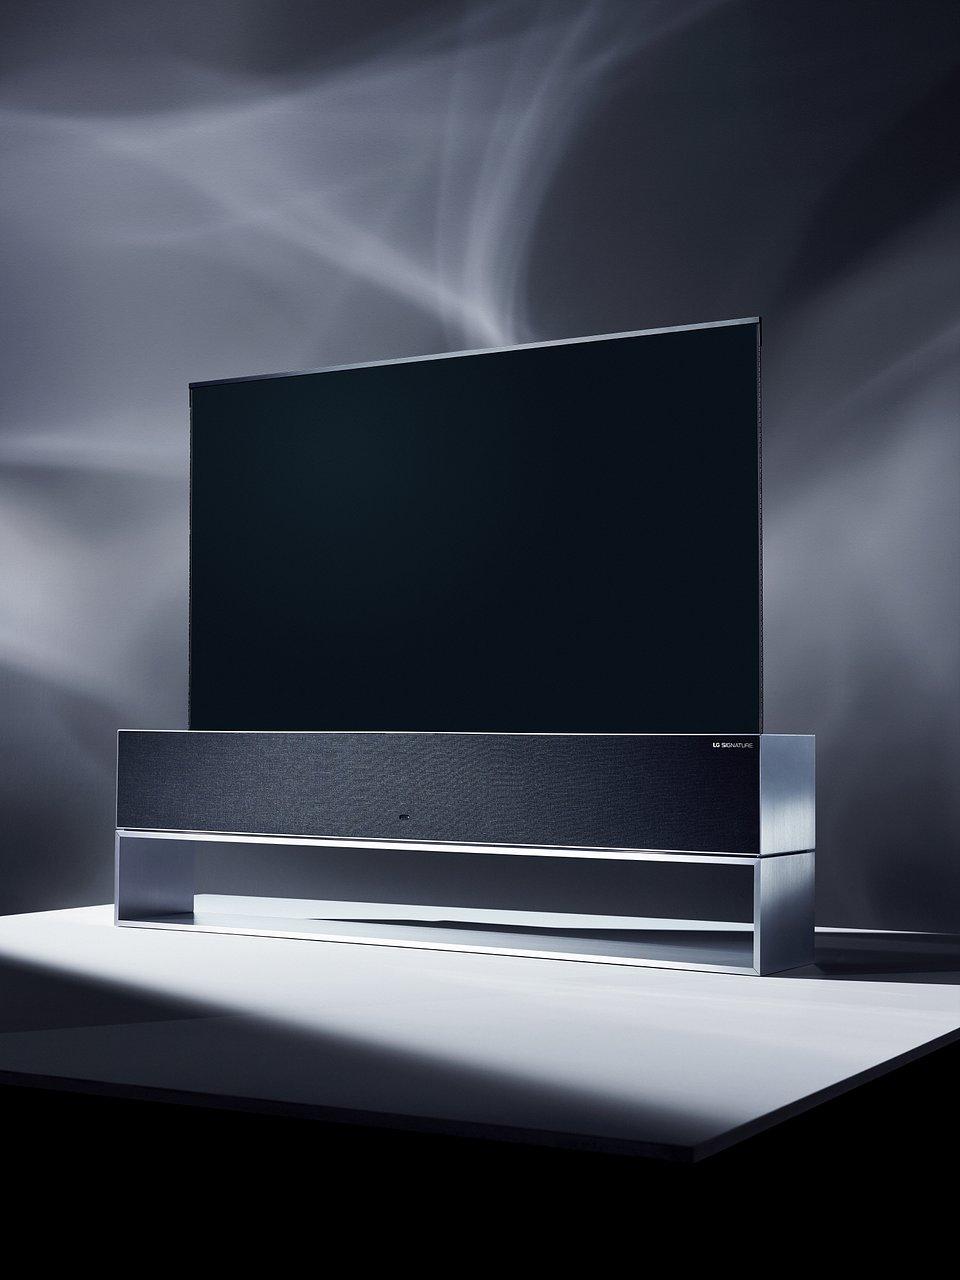 LG OLED TV R Product 02.jpg